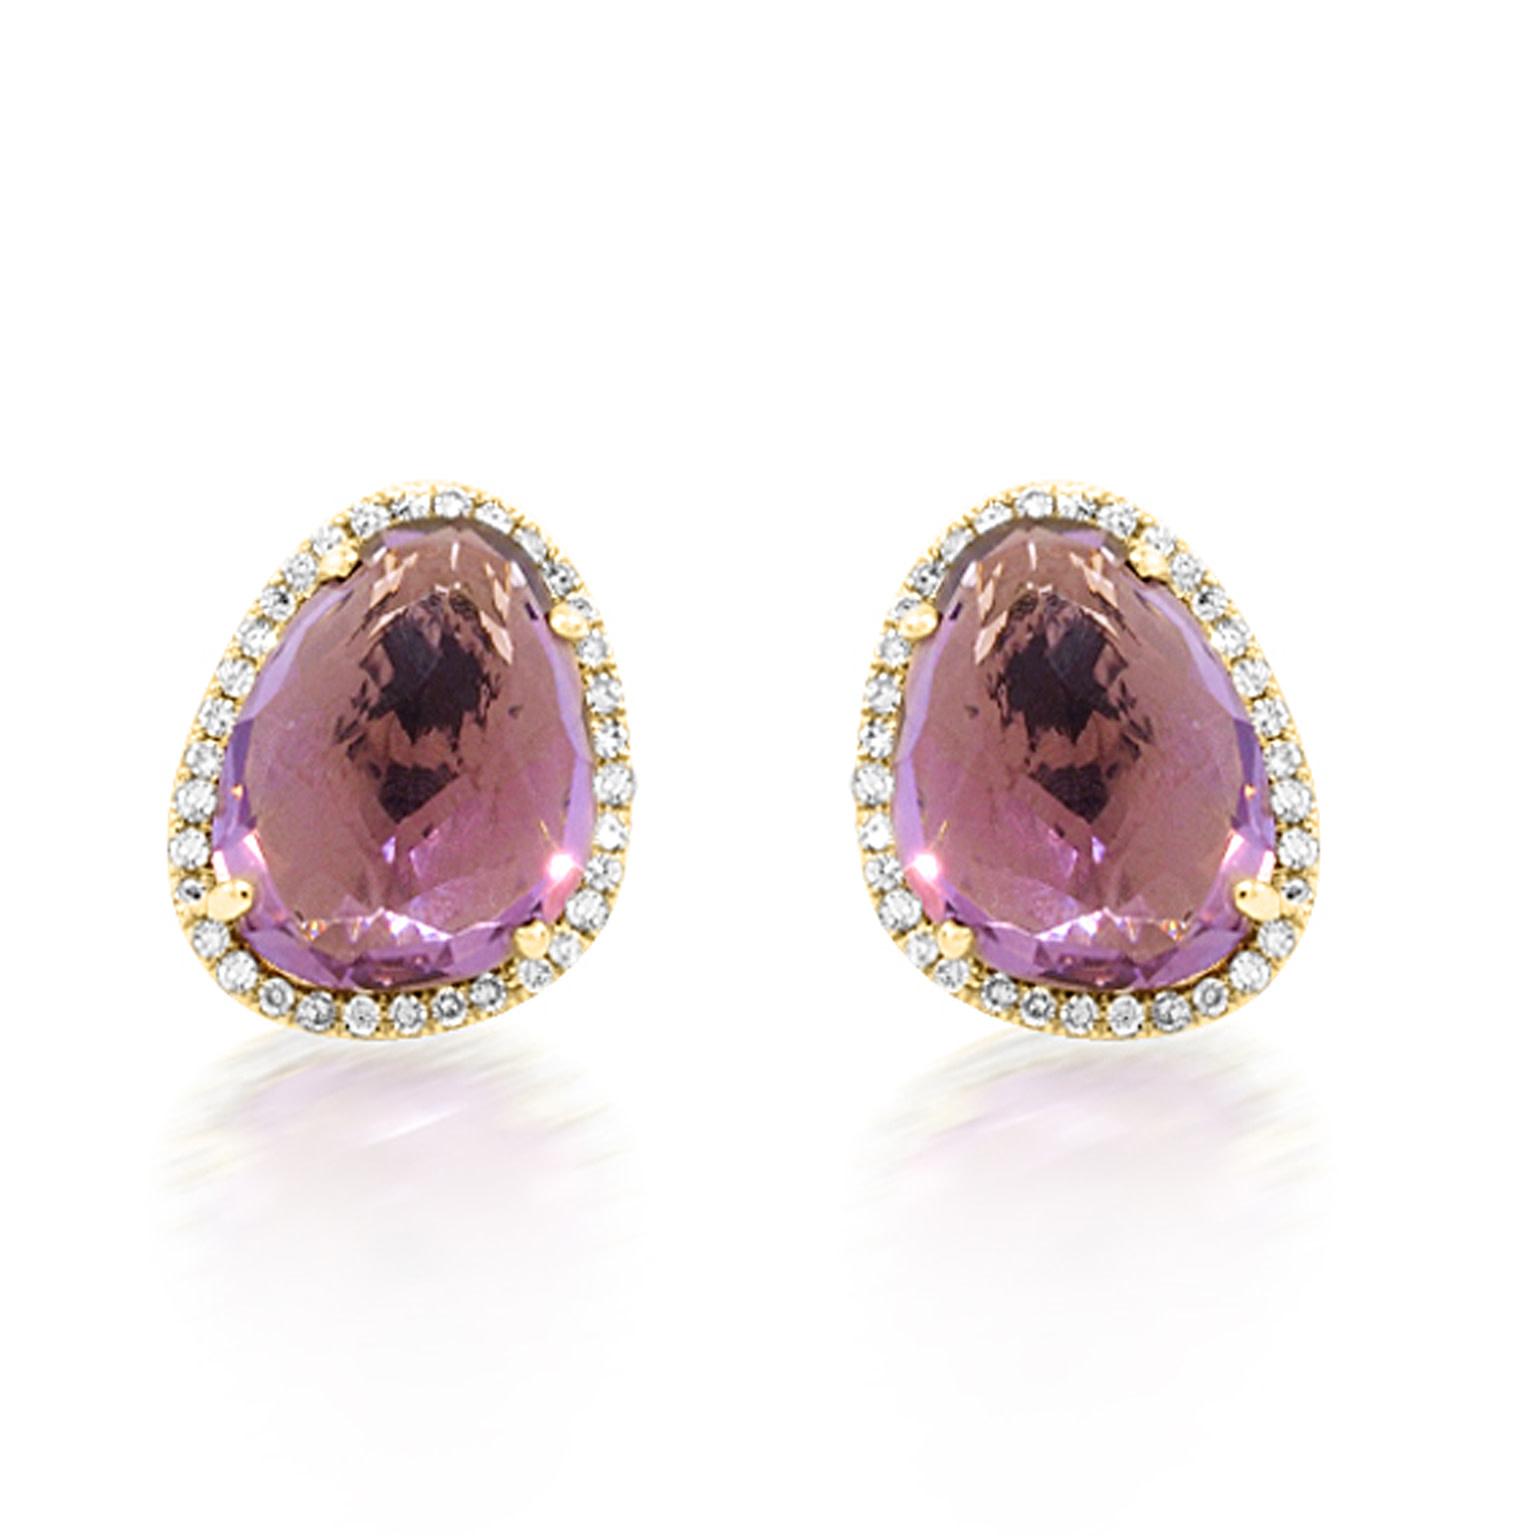 Asymmetrical Amethyst Stud Earrings